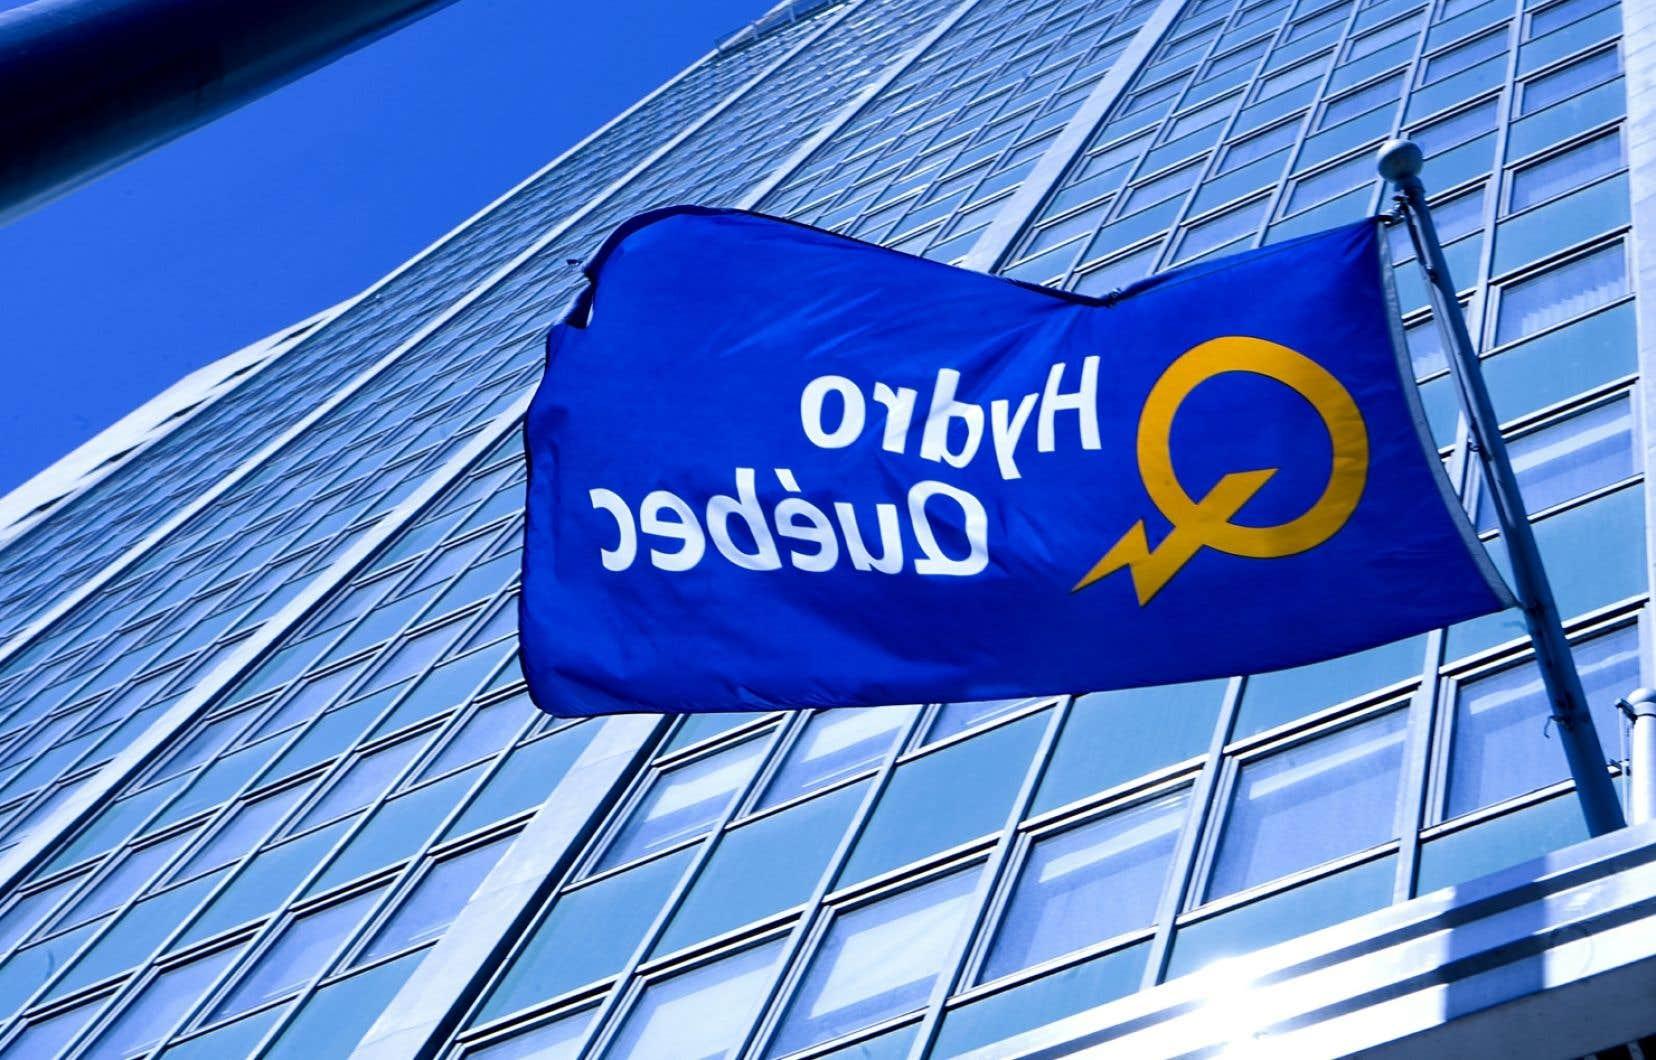 Hydro-Québec Distribution compte lancer les appels d'offres d'ici à la fin de l'année 2013.